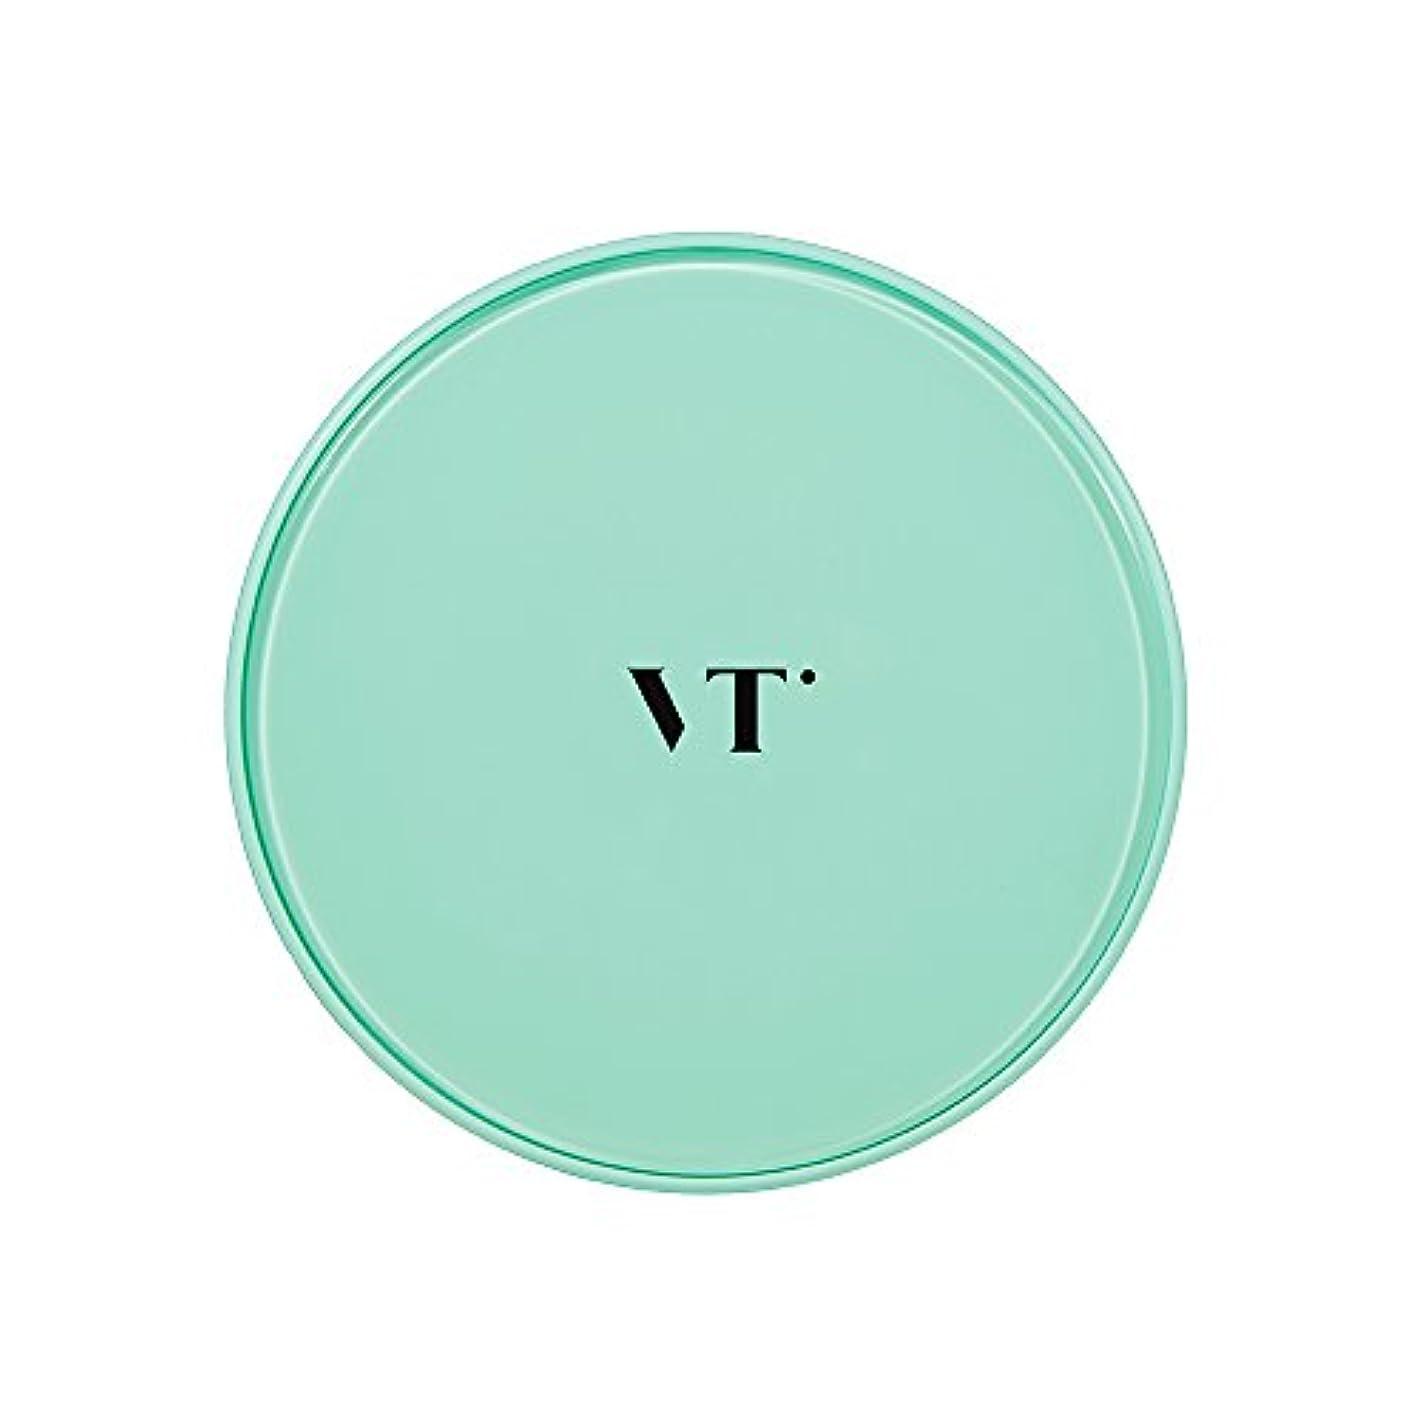 パール愛されし者幹VT フィト立ったクッション SPF50+ PA++++ 11g/VT Phyto Sun Cushion [並行輸入品]